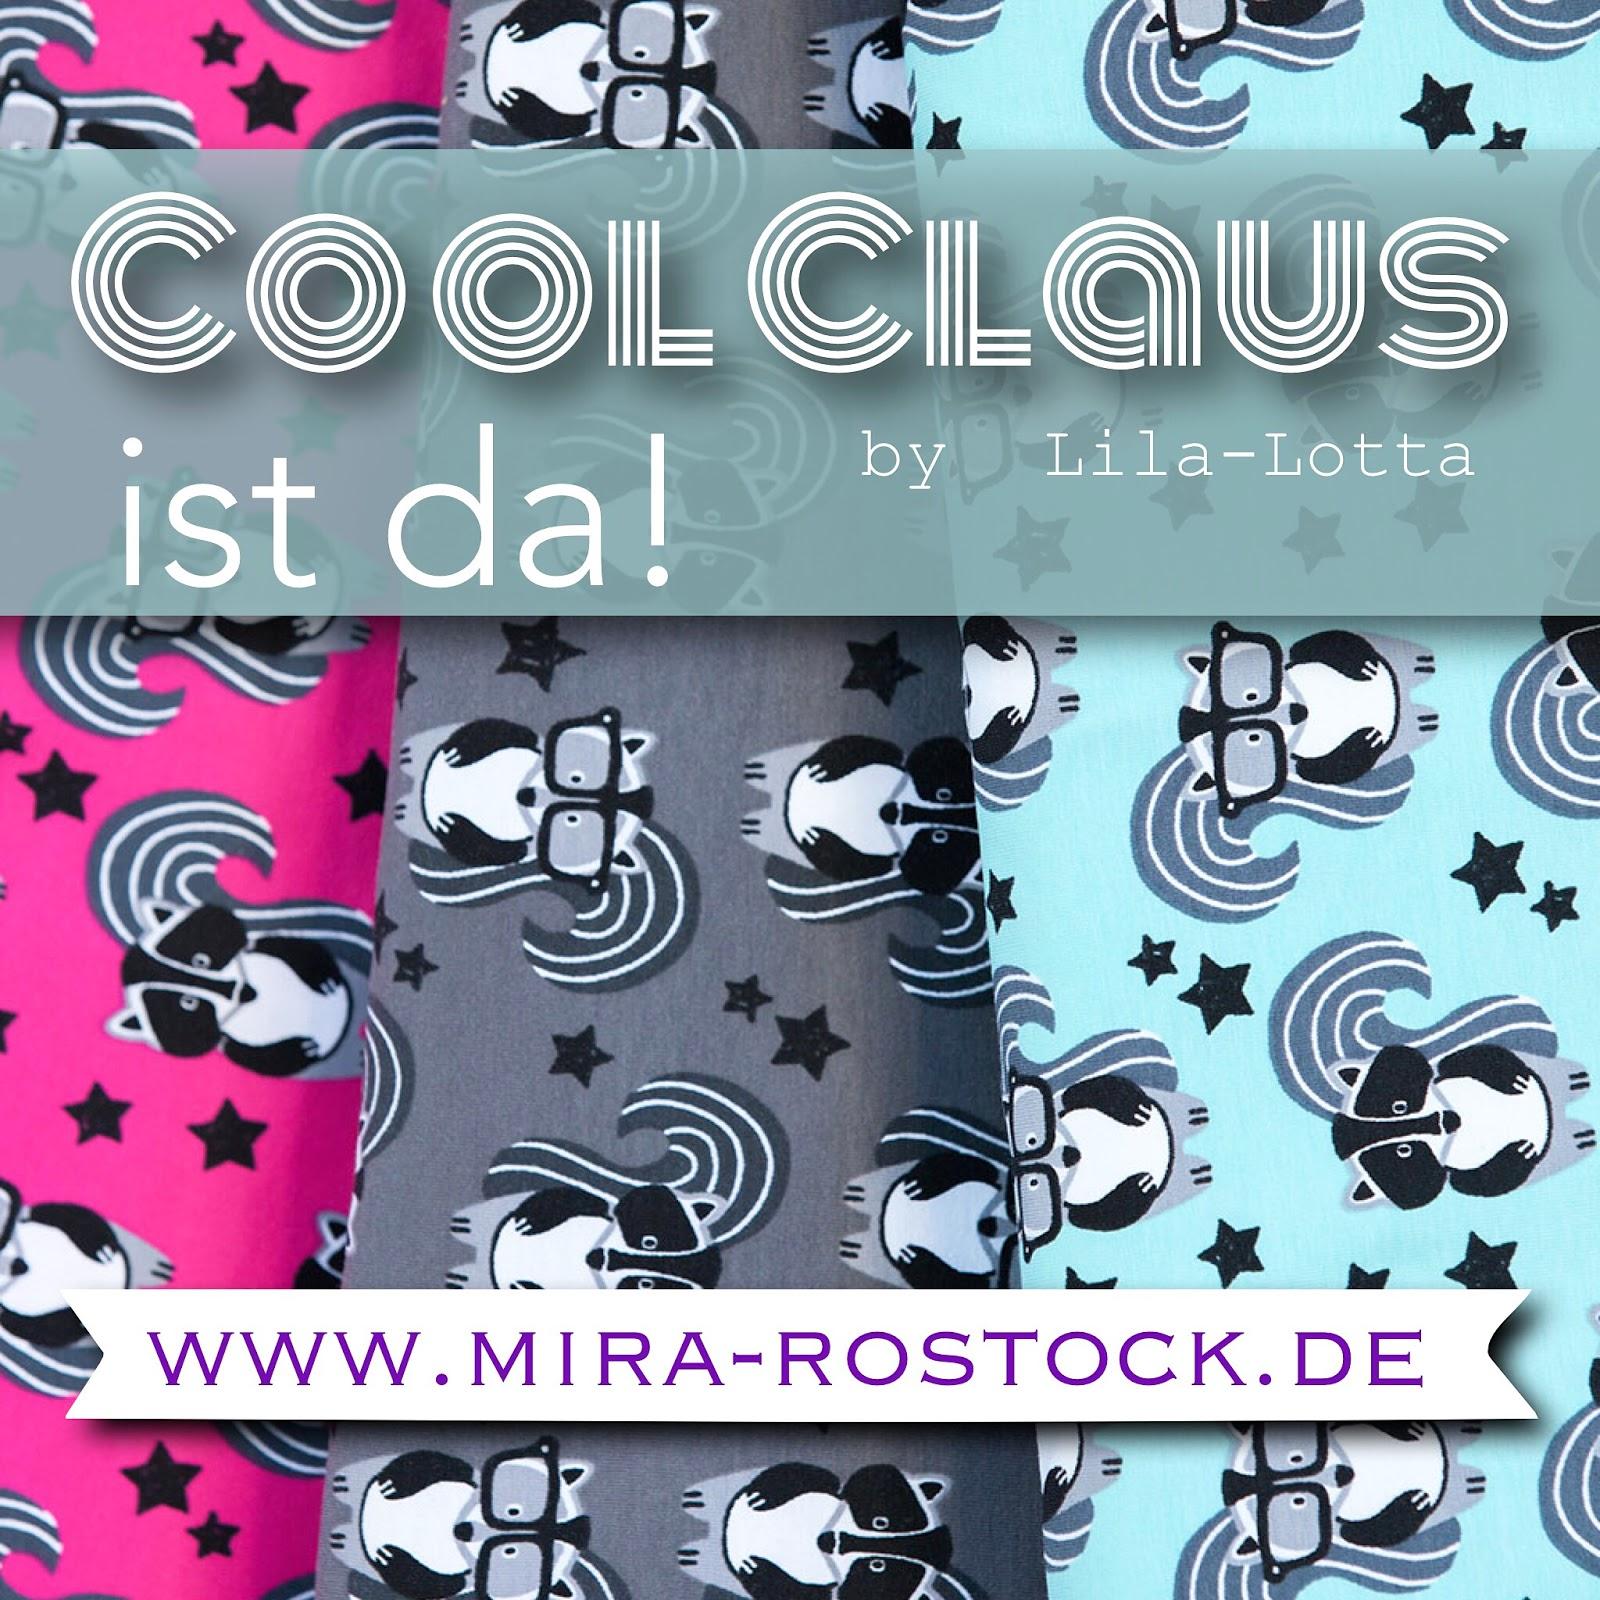 Cool Claus ist da! :-) 2